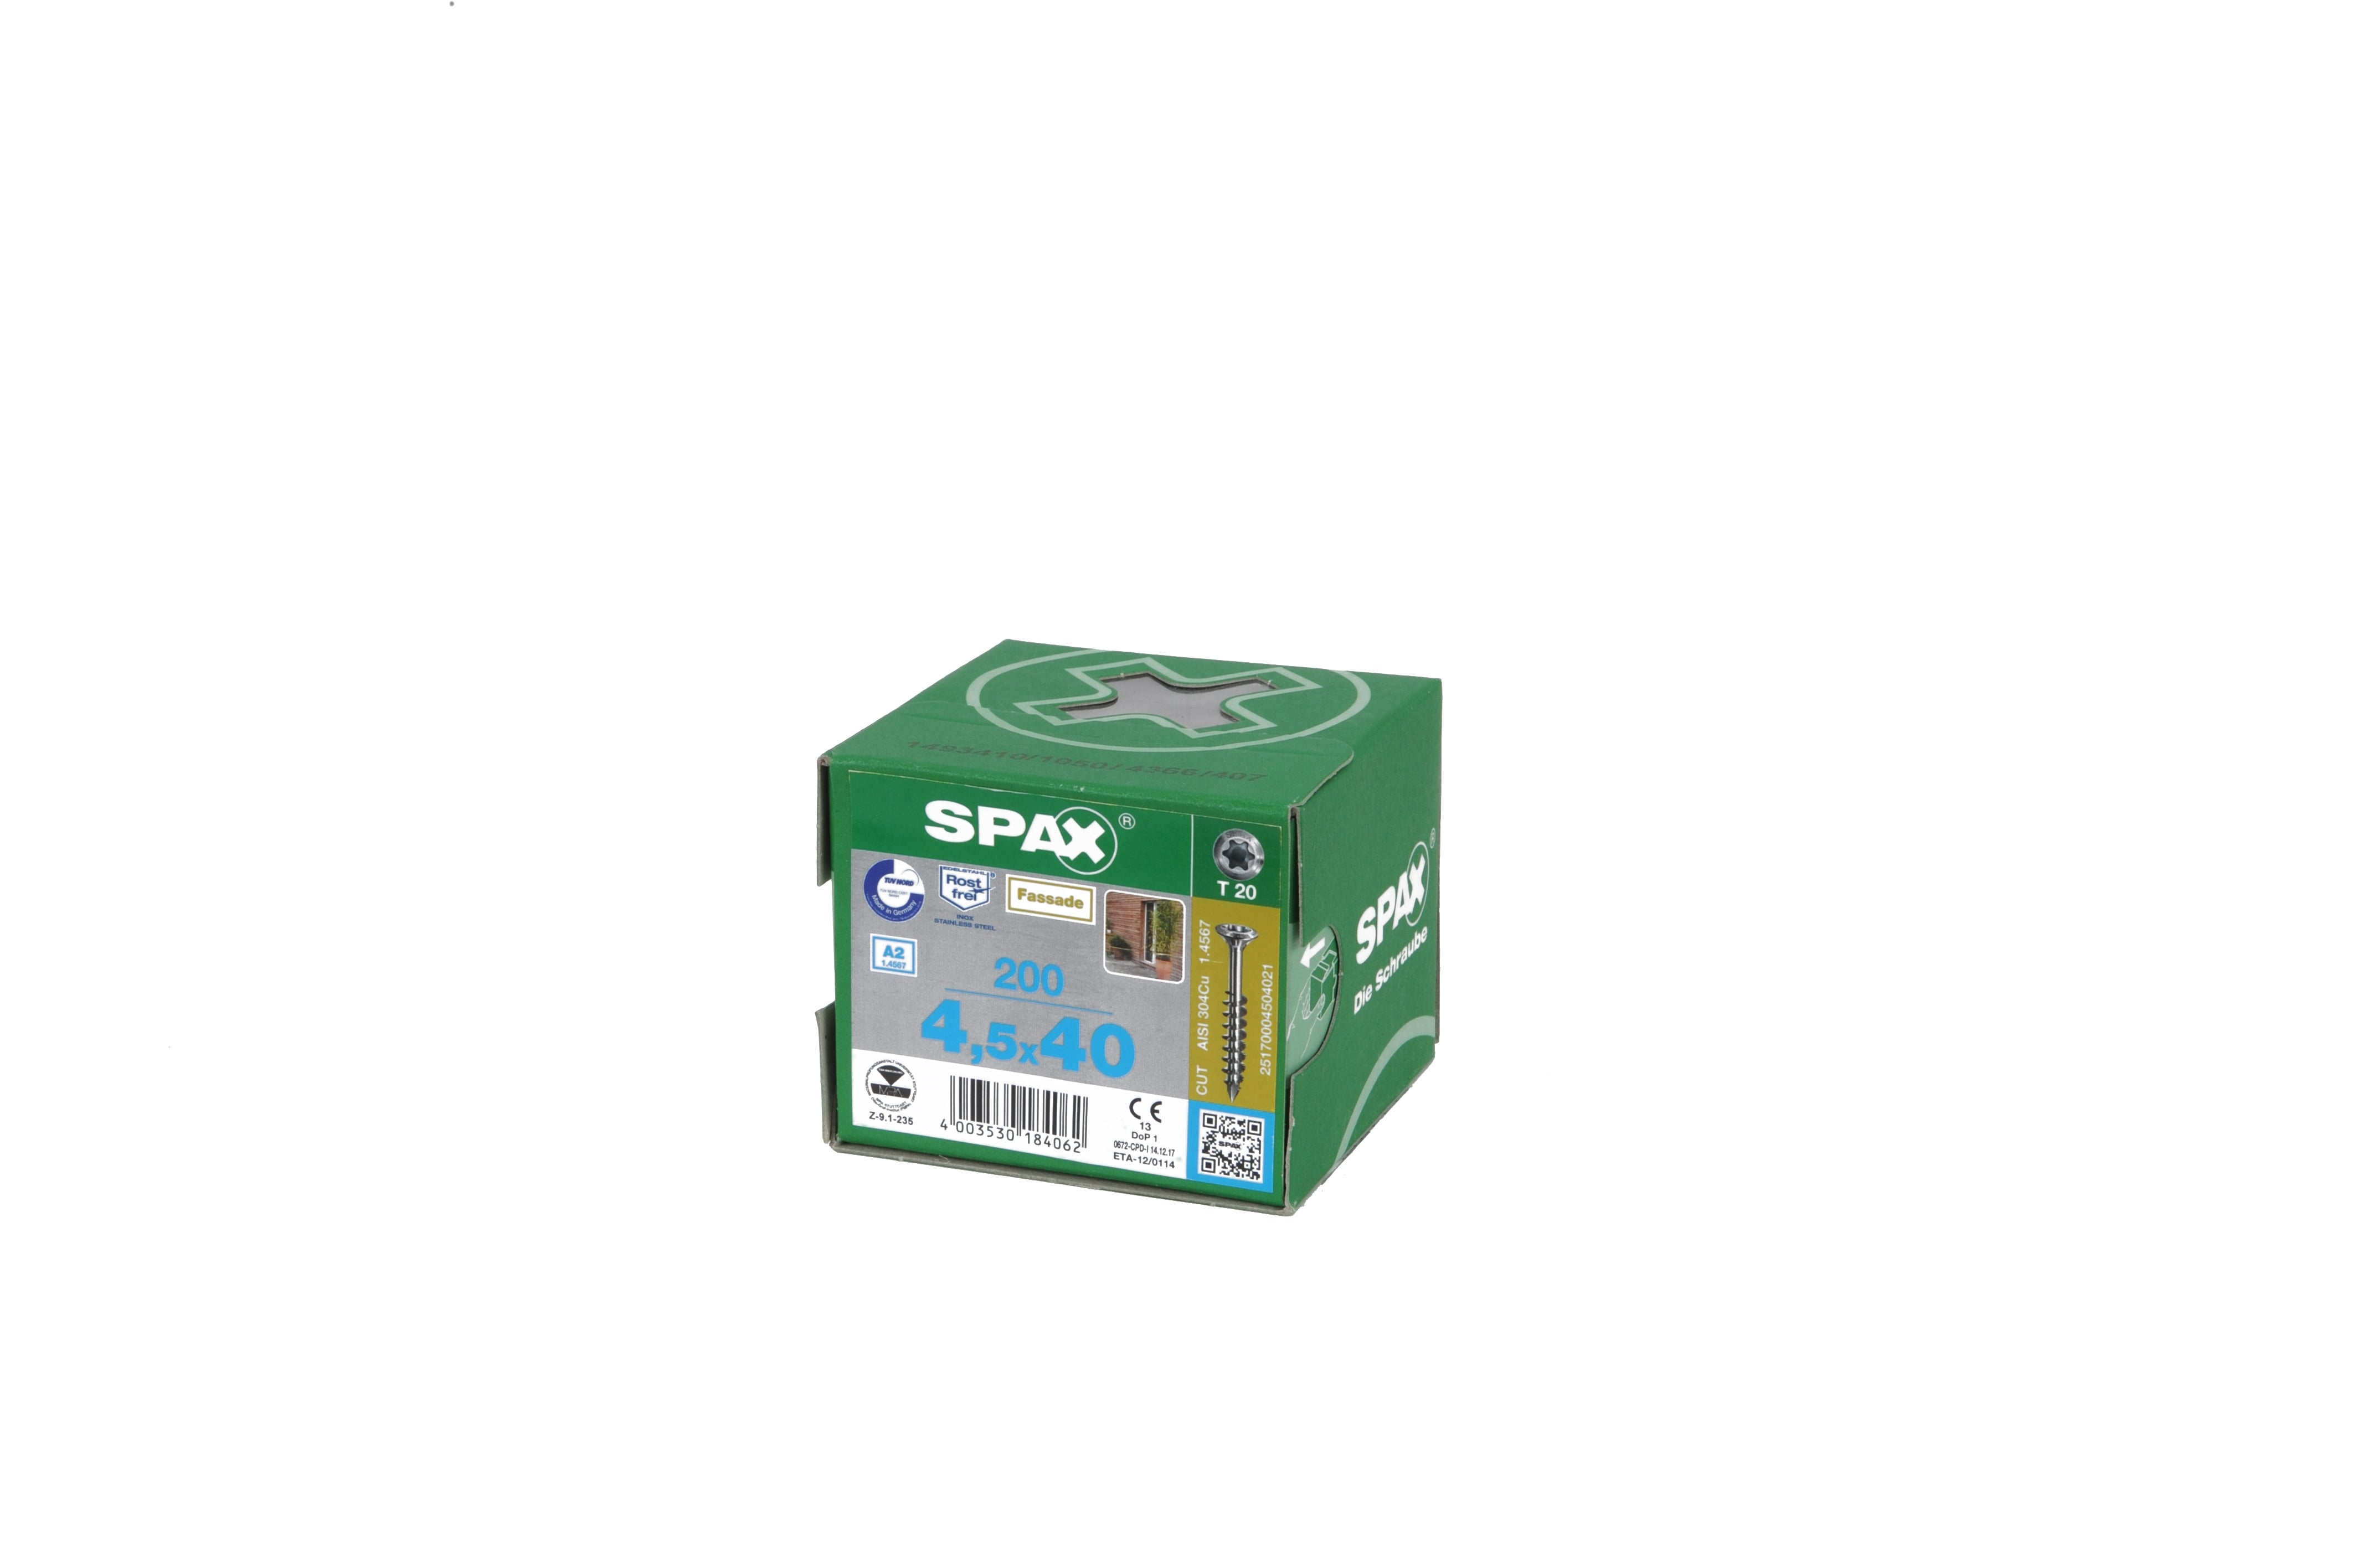 Spax Lot de 200 vis /à bois 4 x 40 mm